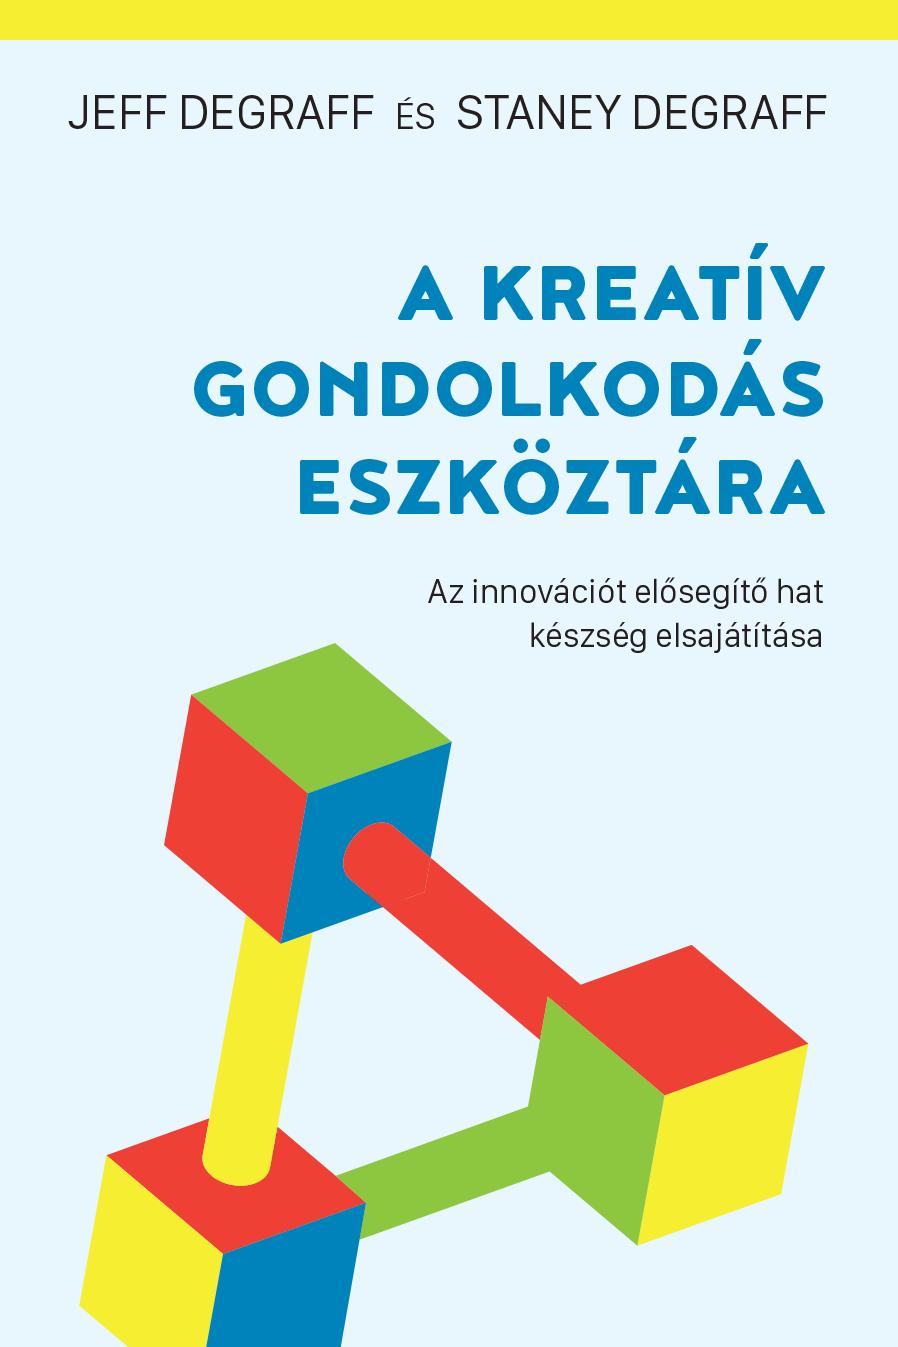 A kreatív gondolkodás eszköztára című kötet, valamint a Pallas Athéné Könyvkiadó (PABooks) korábban megjelent kiadványai megvásárolhatók a PABooks könyvesboltjában, a Bölcs Várban, valamint webáruházában, a www.pallasathenekiado.hu oldalon